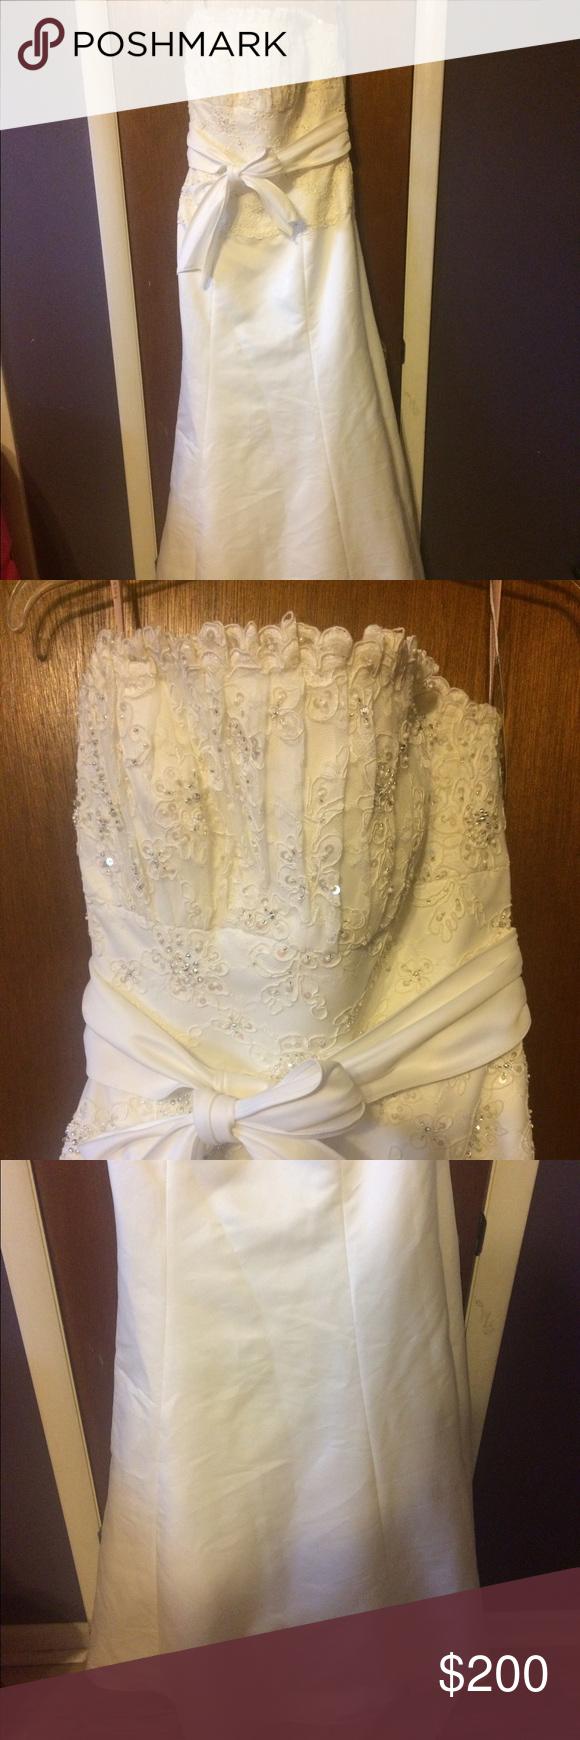 NWT ivory wedding dress NWT strapless ivory wedding dress. Beading on bodice. Sash at waist. Dresses Wedding